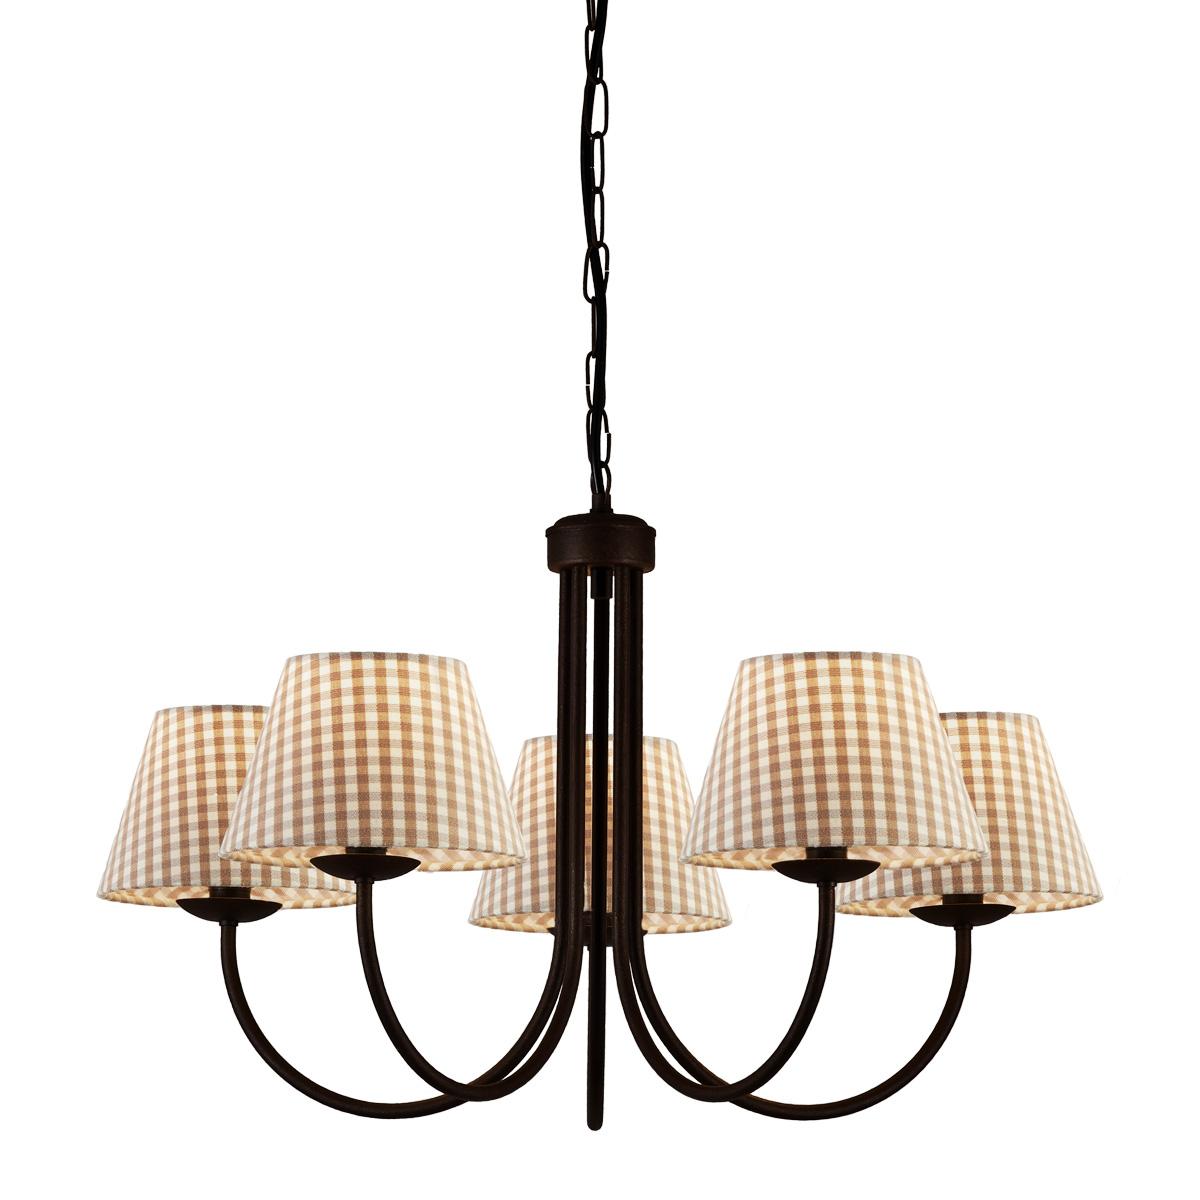 Φωτιστικό πατίνα γραφίτη με καφέ καρό καπέλα BIANCO-2 graphite patinated chandelier with brown plaided shades